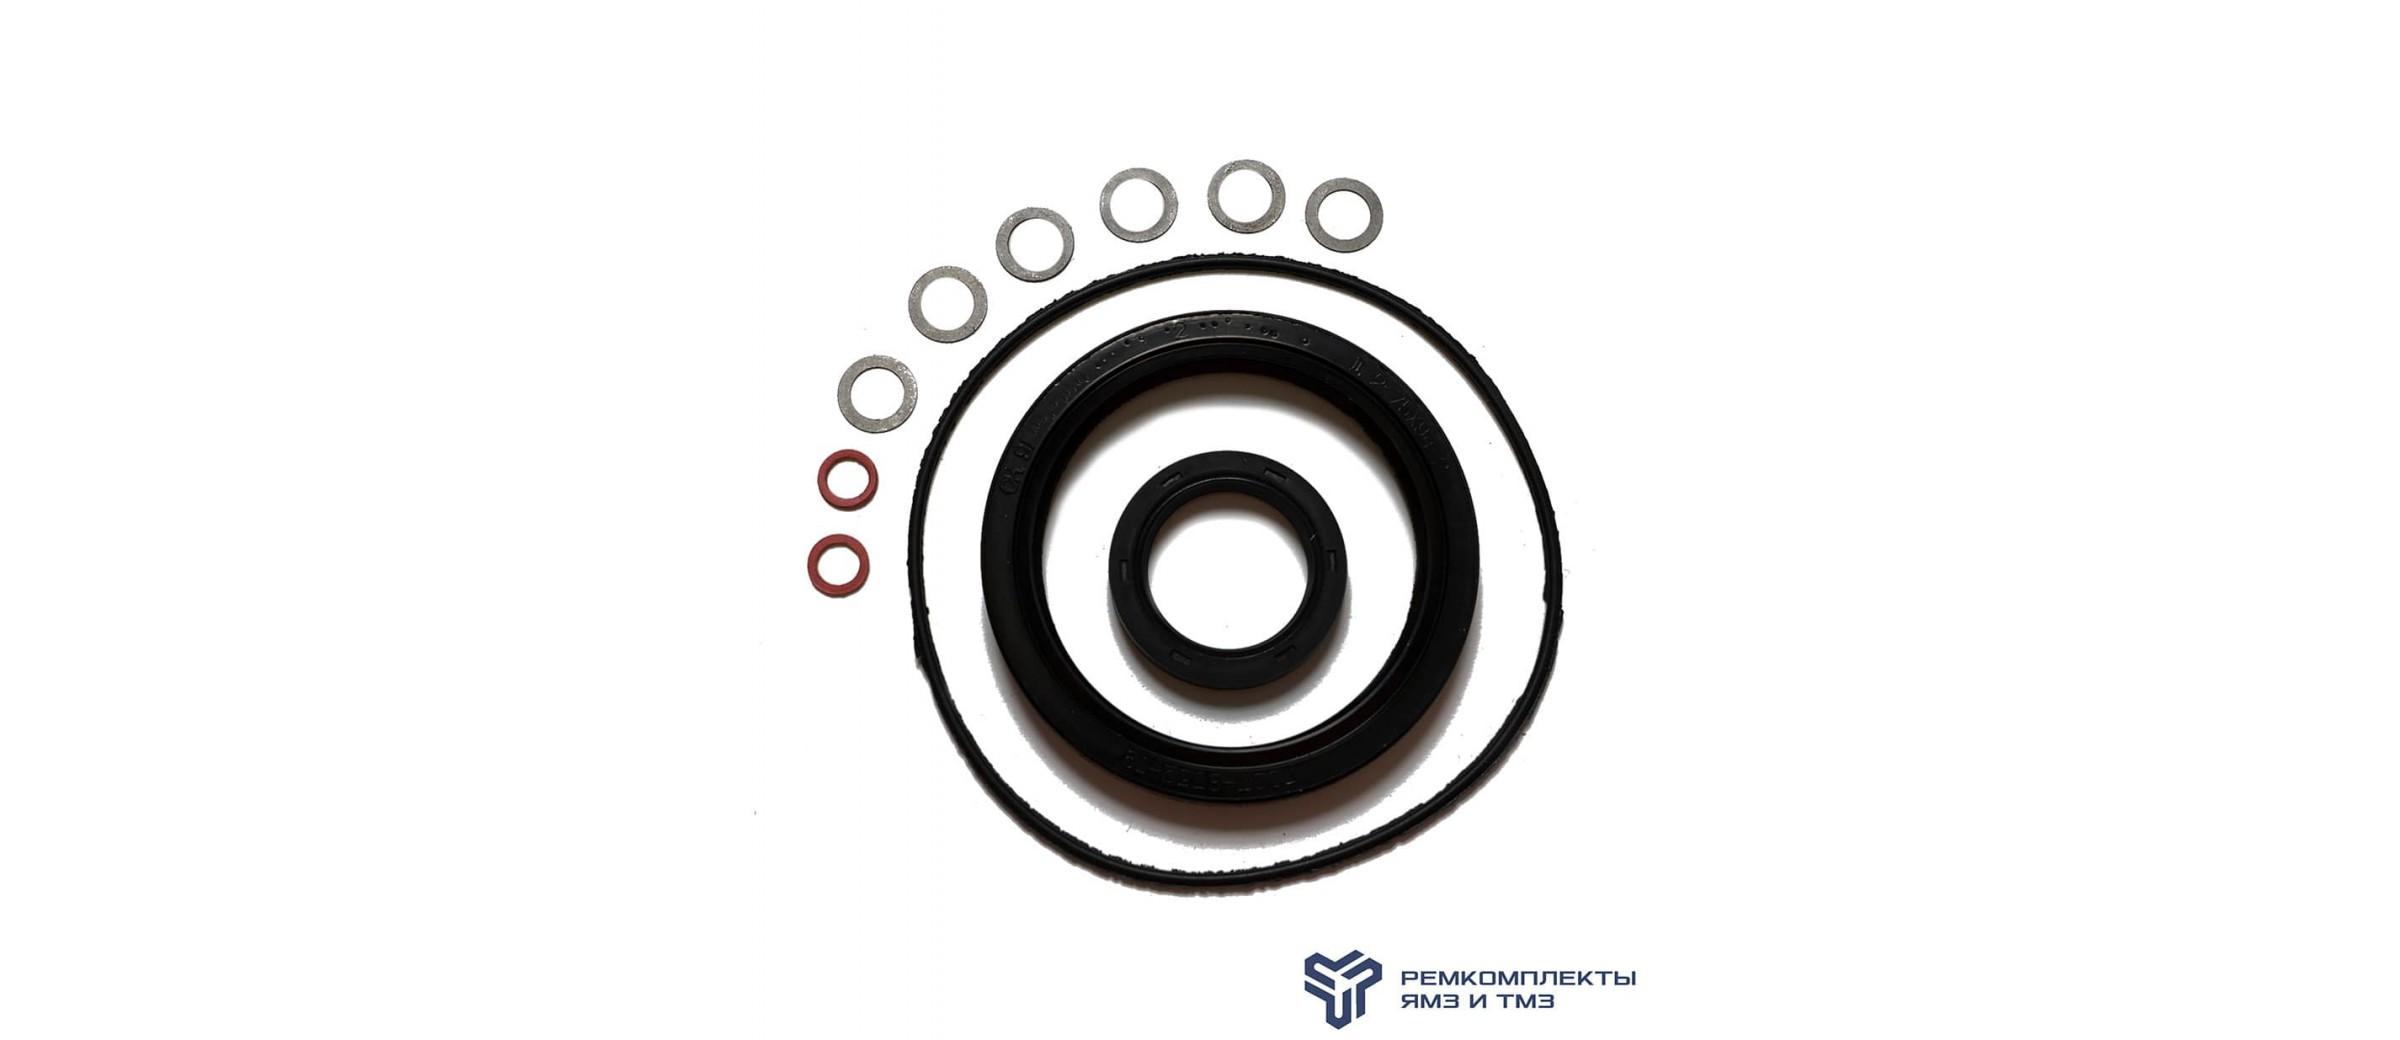 Ремкомплект МОВ 333.1121010-10 (РТИ,шайбы)